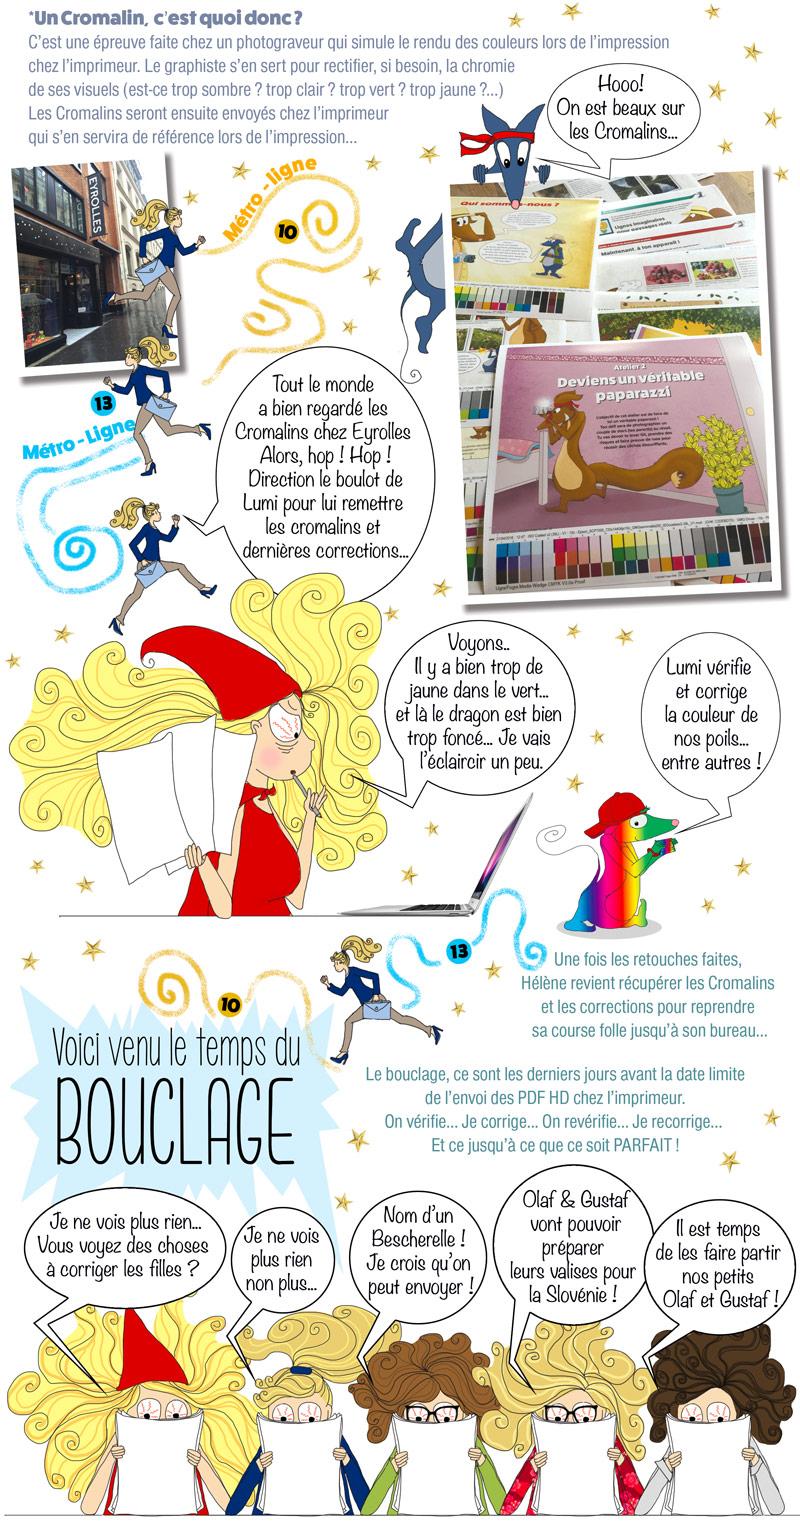 fabrication conception illustrée livre eyrolles clic ! cromalin Chromie imprimeur bouclage manuel édition équipe éditrice auteure